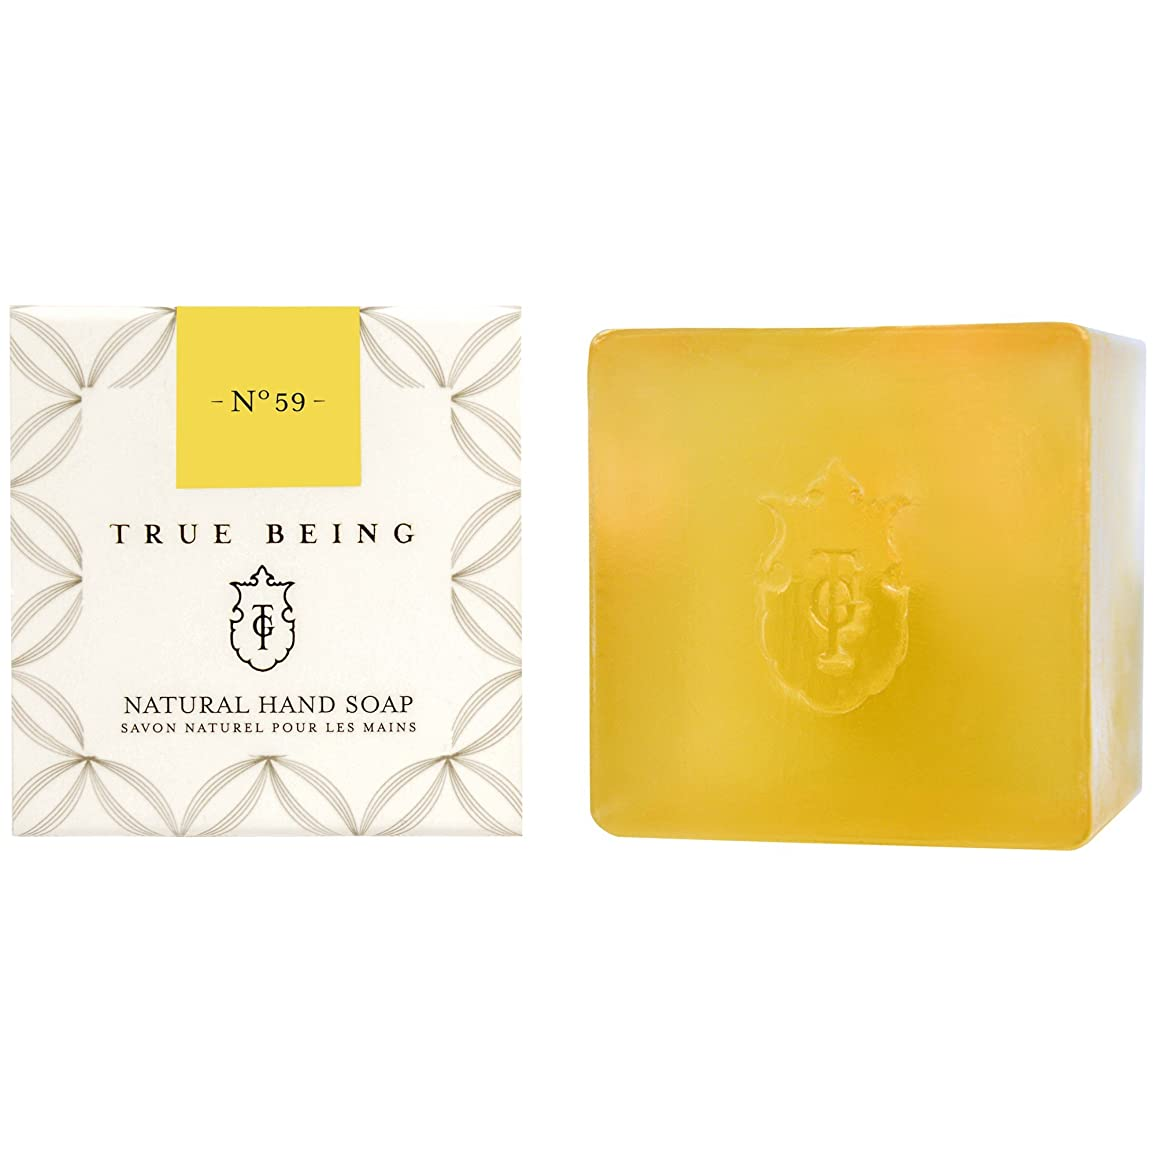 ピルファーキノコ普遍的な真であることベルガモット大石鹸 (True Being) (x2) - True Being Bergamot Large Soap (Pack of 2) [並行輸入品]